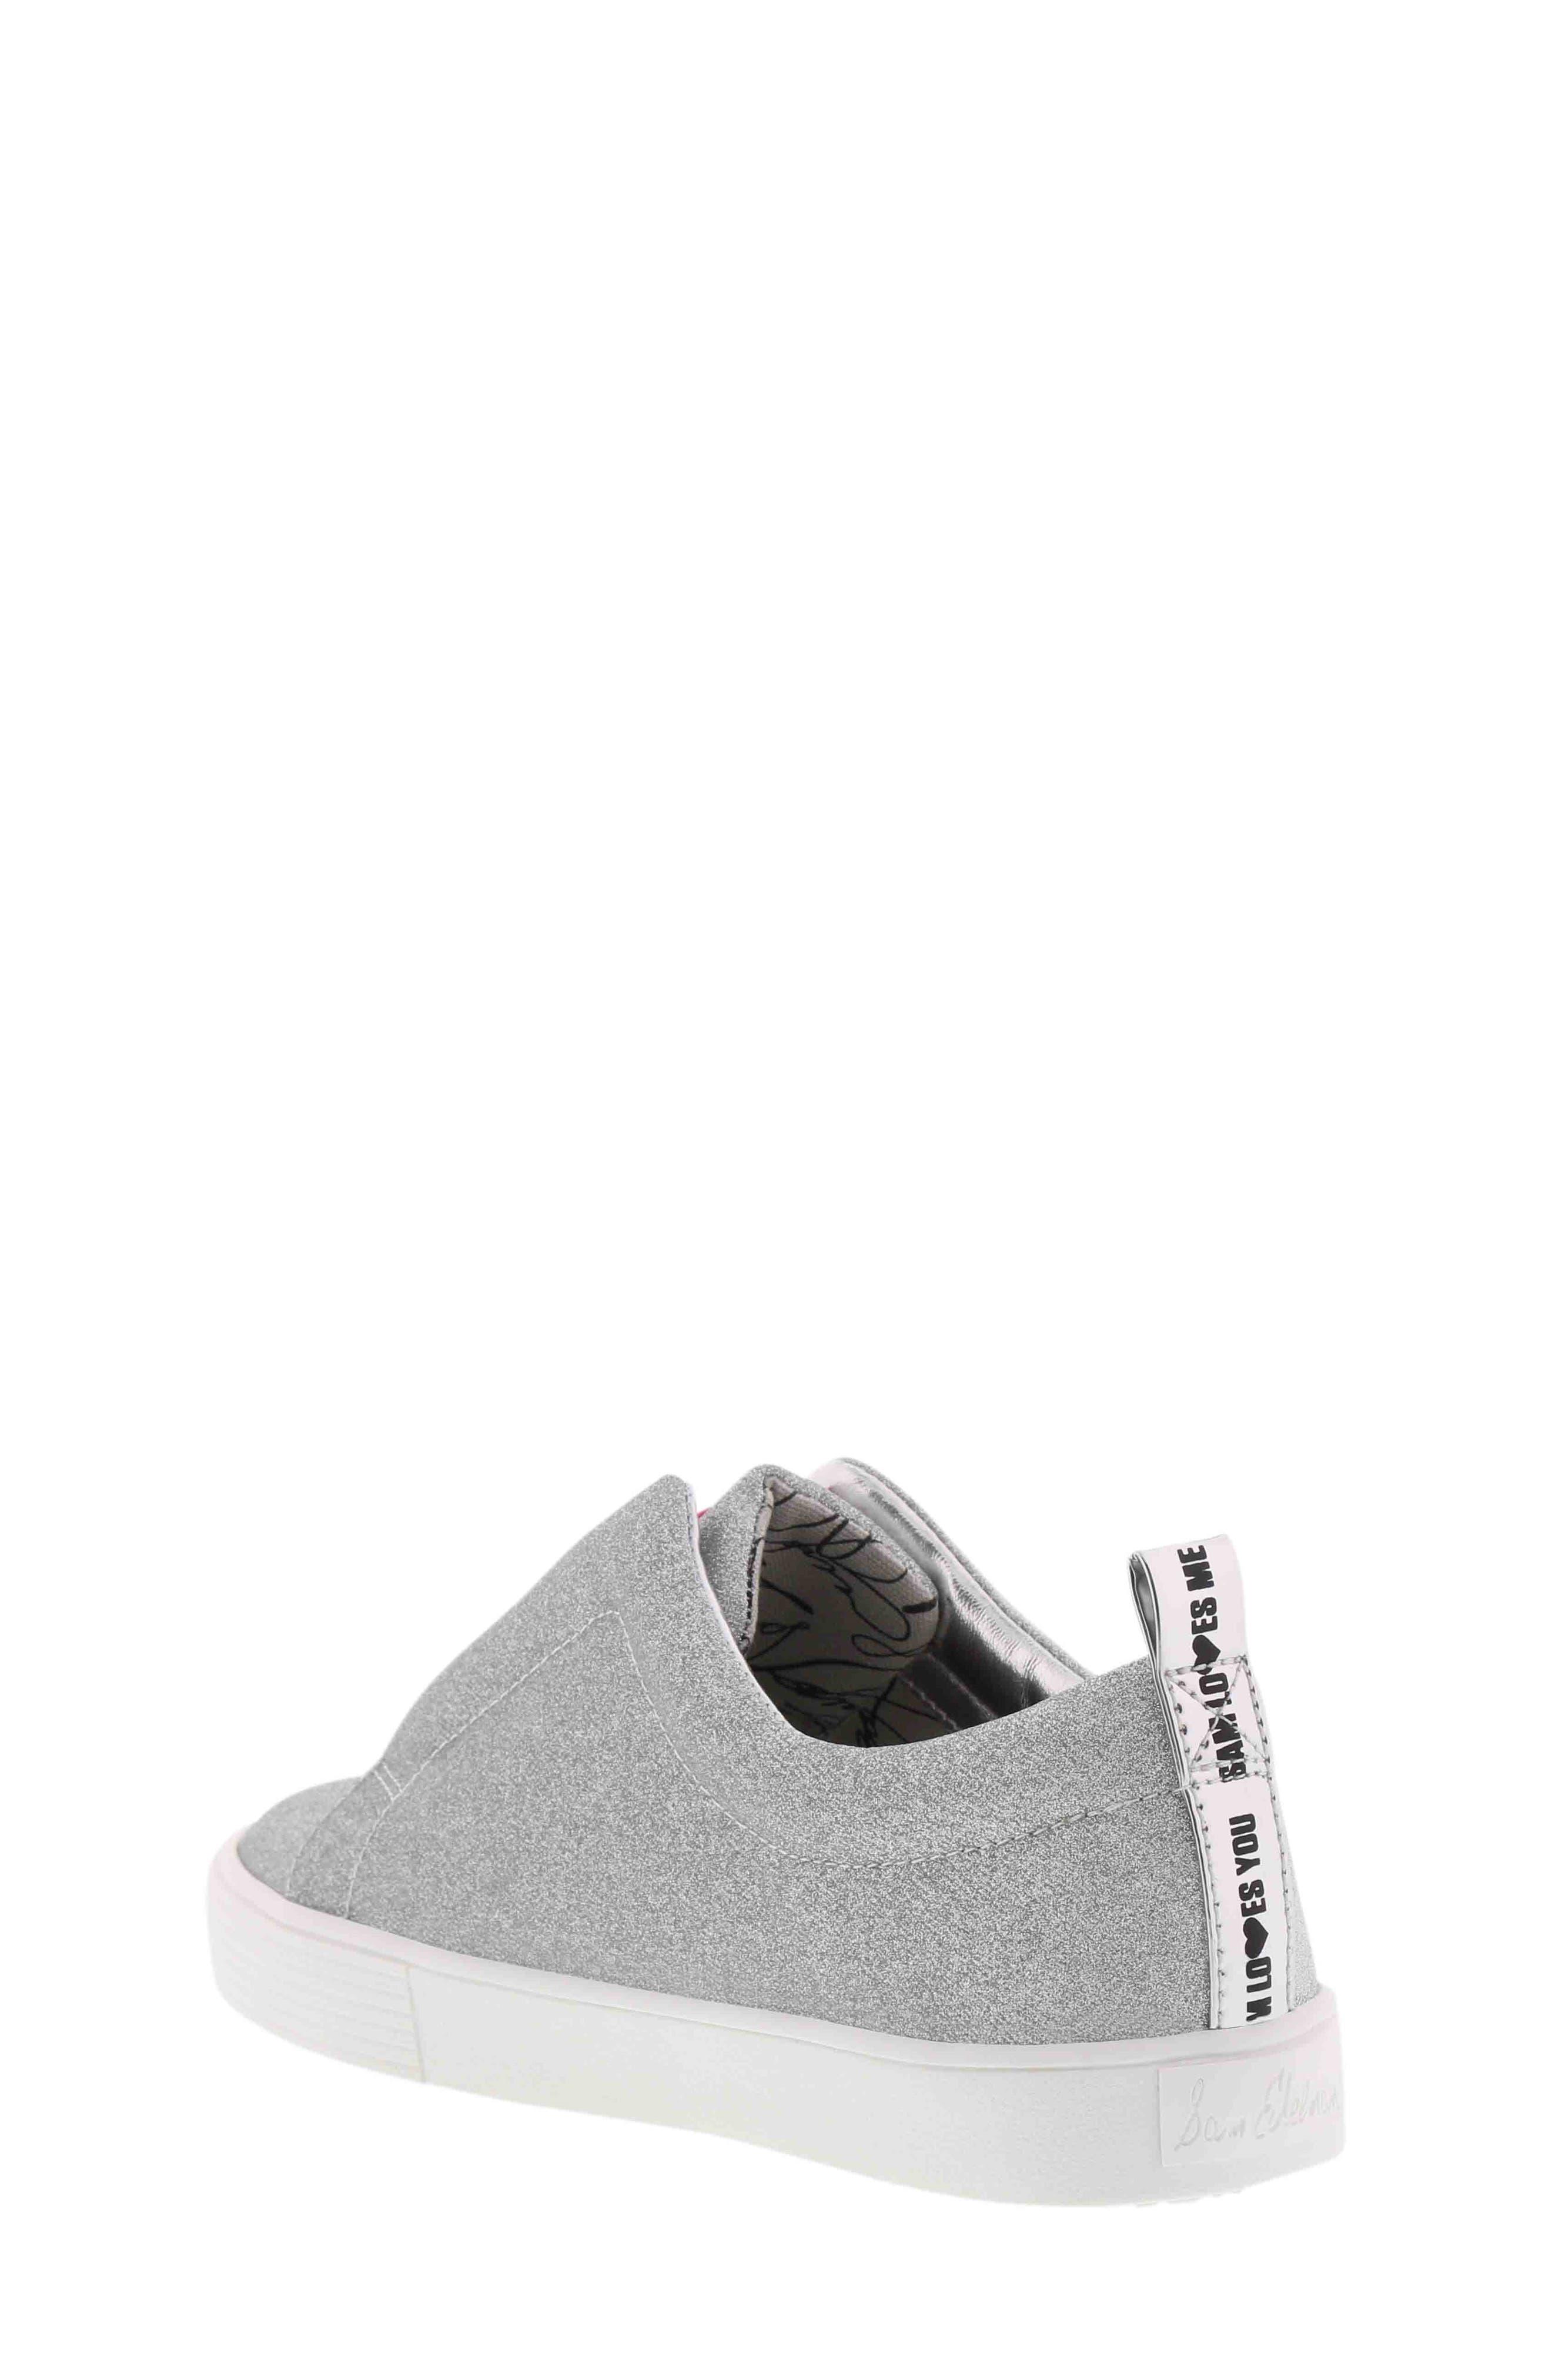 Bella Emma Slip-On Sneaker,                             Alternate thumbnail 2, color,                             Silver Glitter